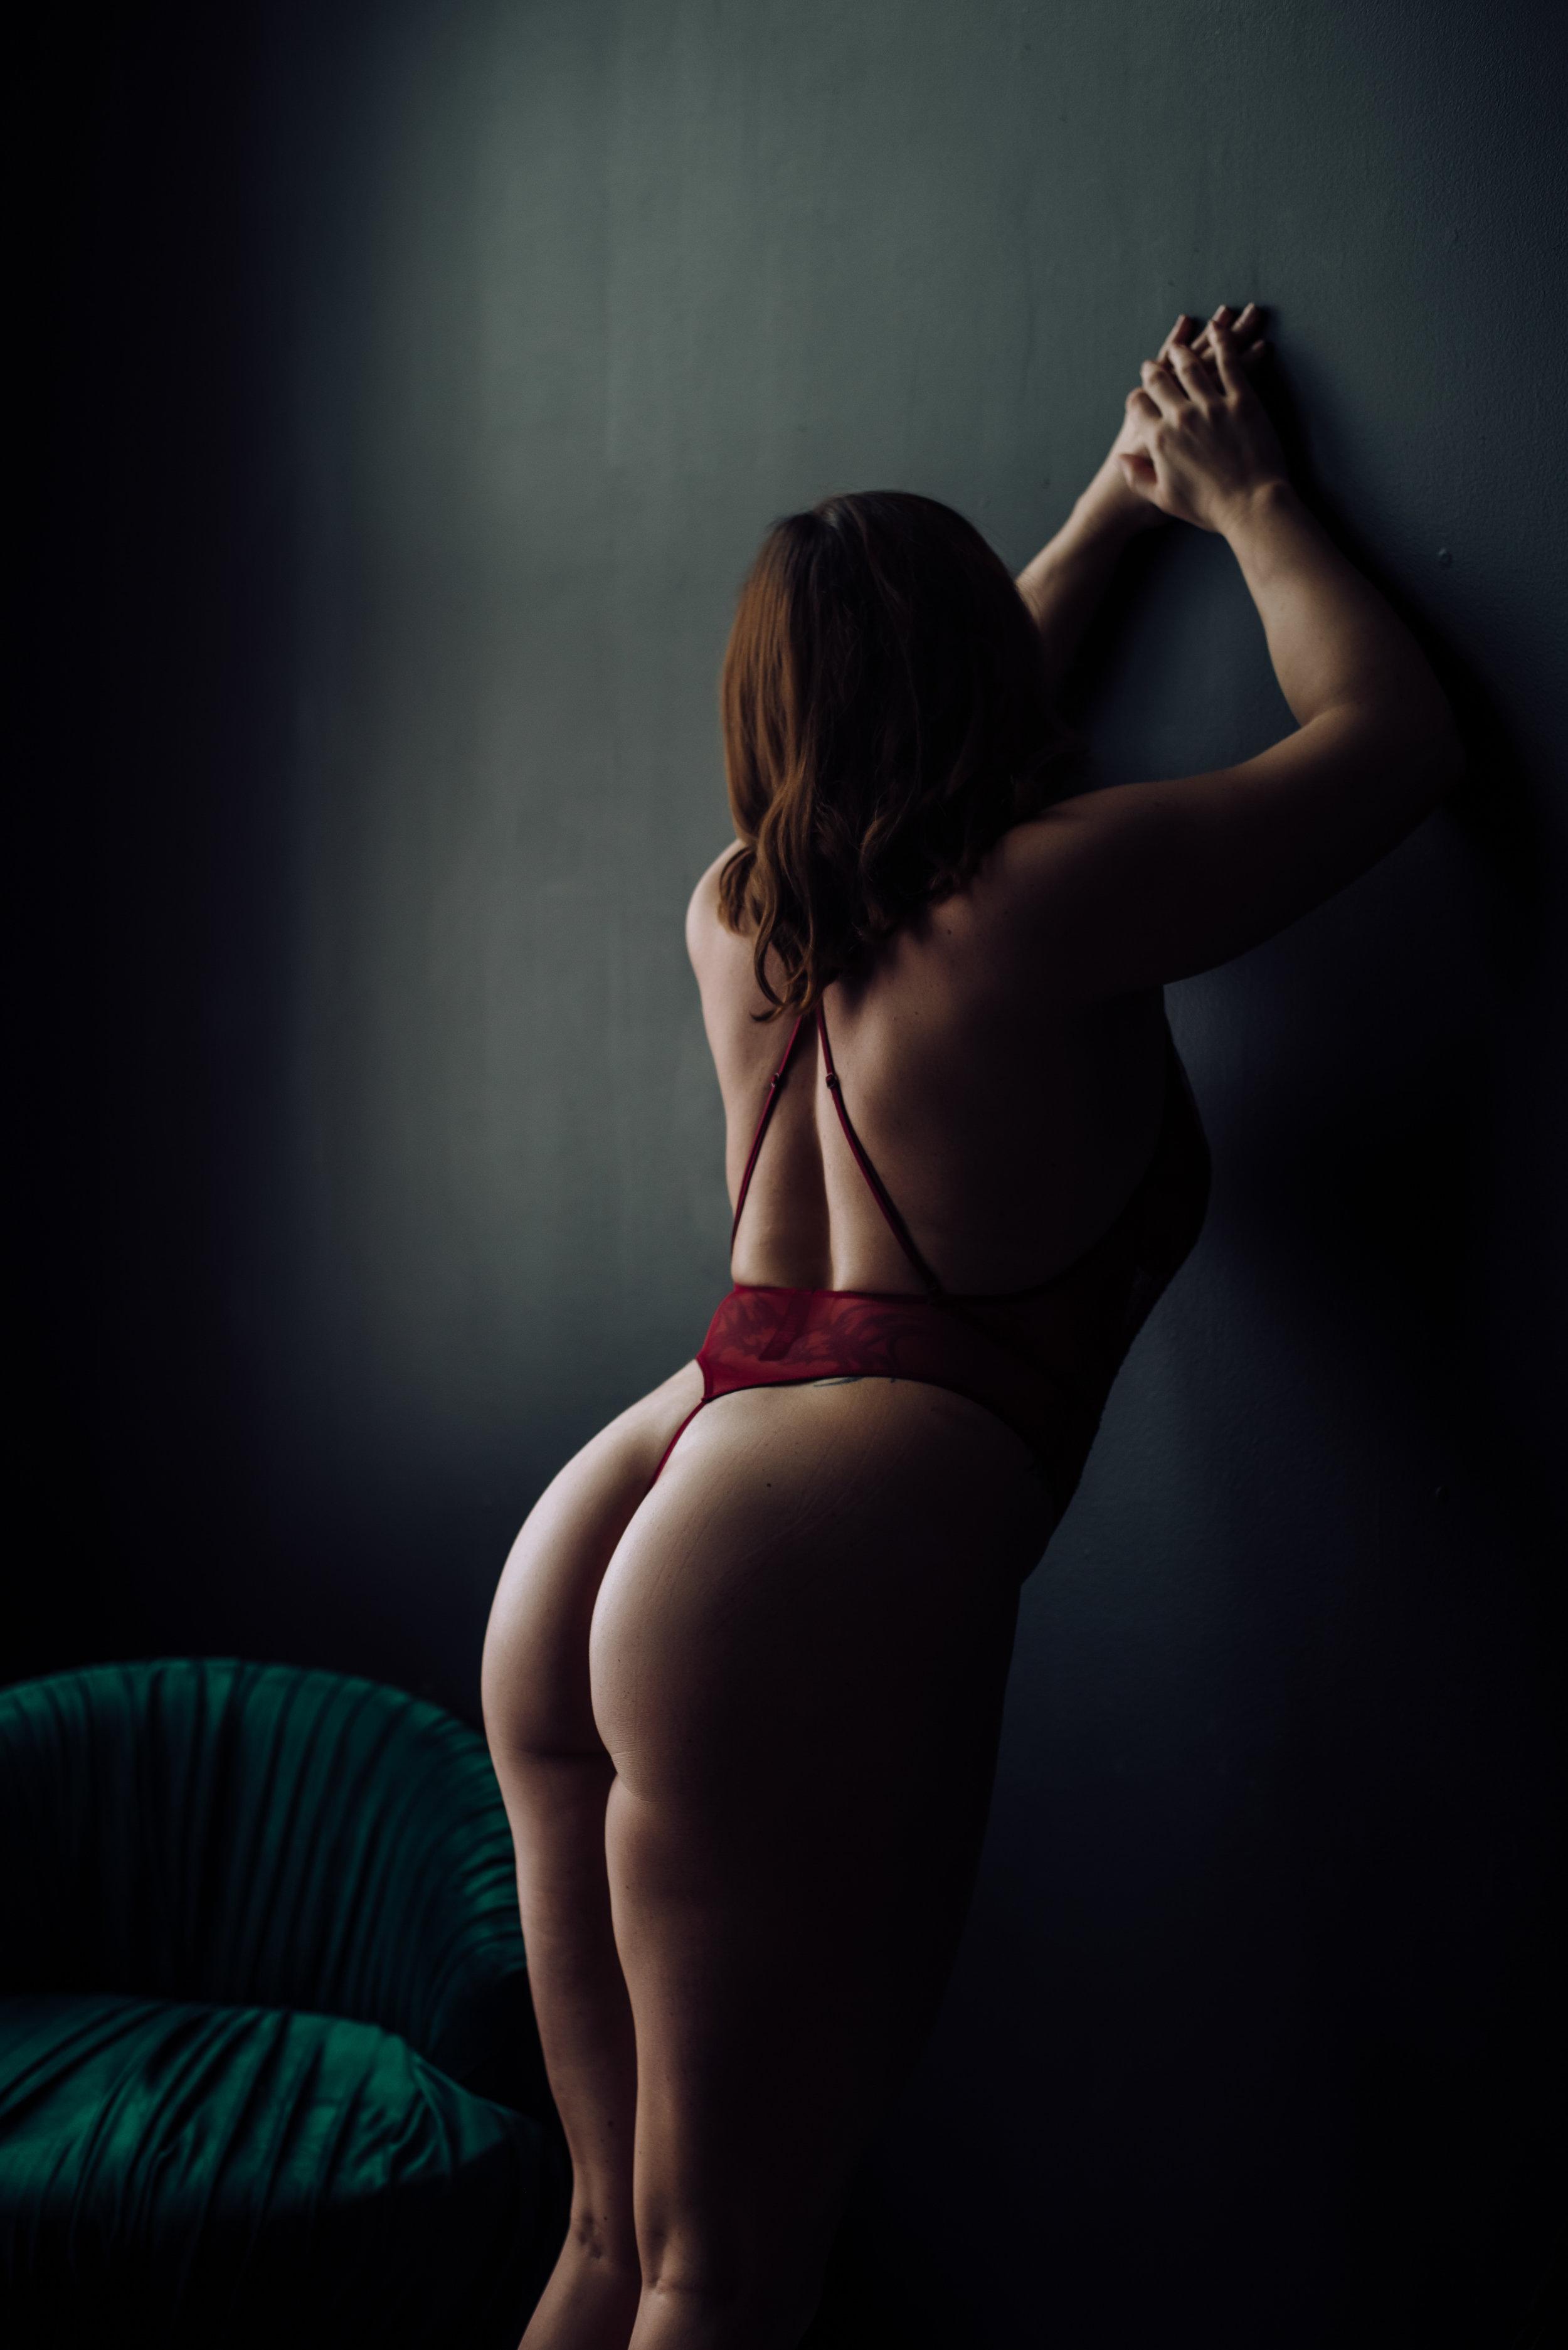 boudoir photography-8.jpg